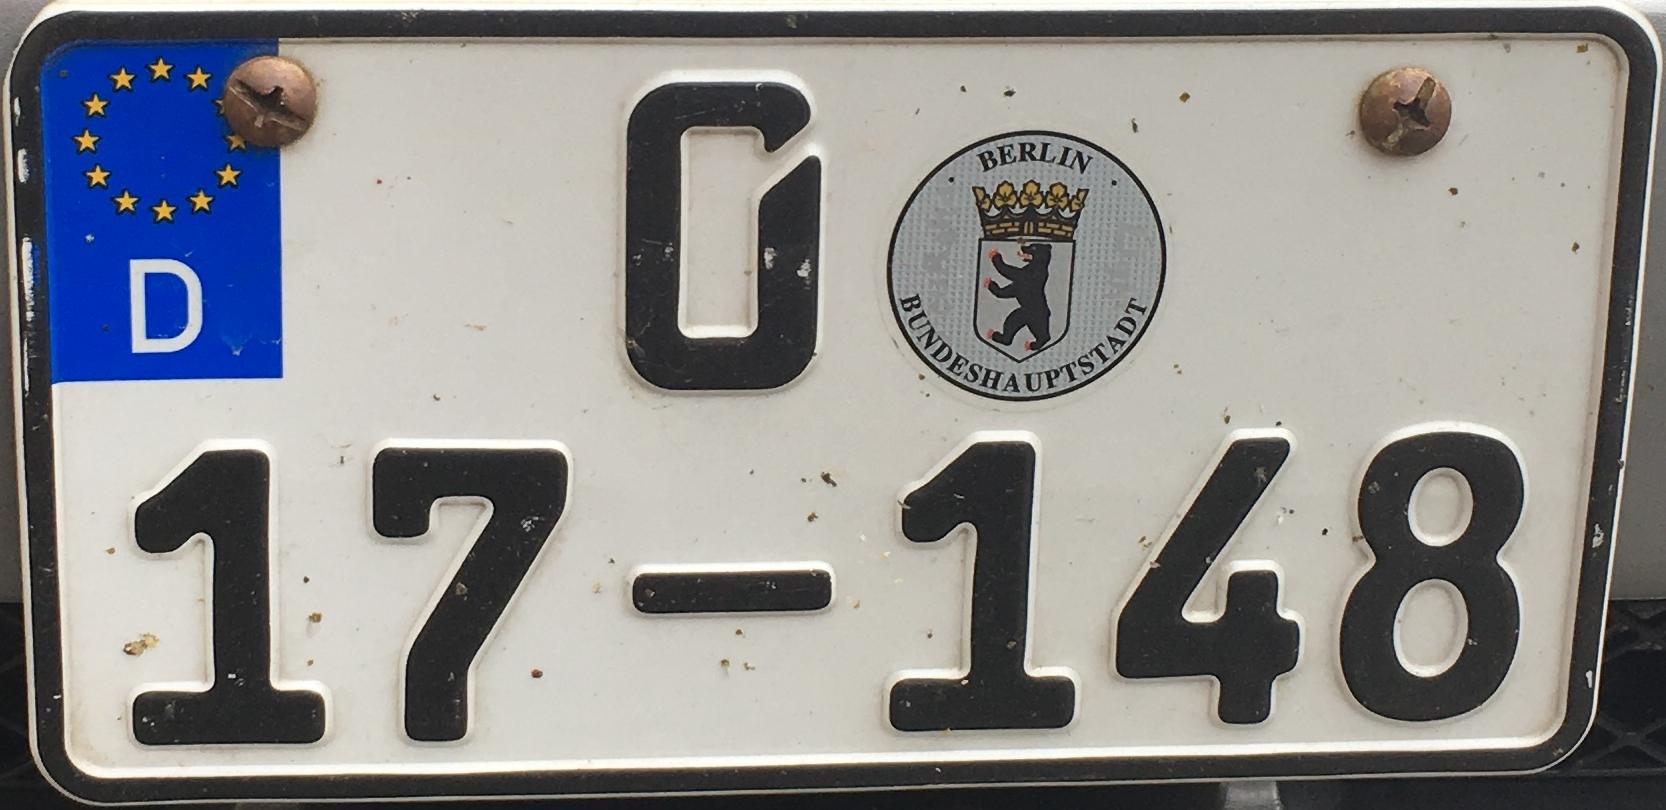 Německá registrační značka - diplomatická, foto: www.podalnici.cz